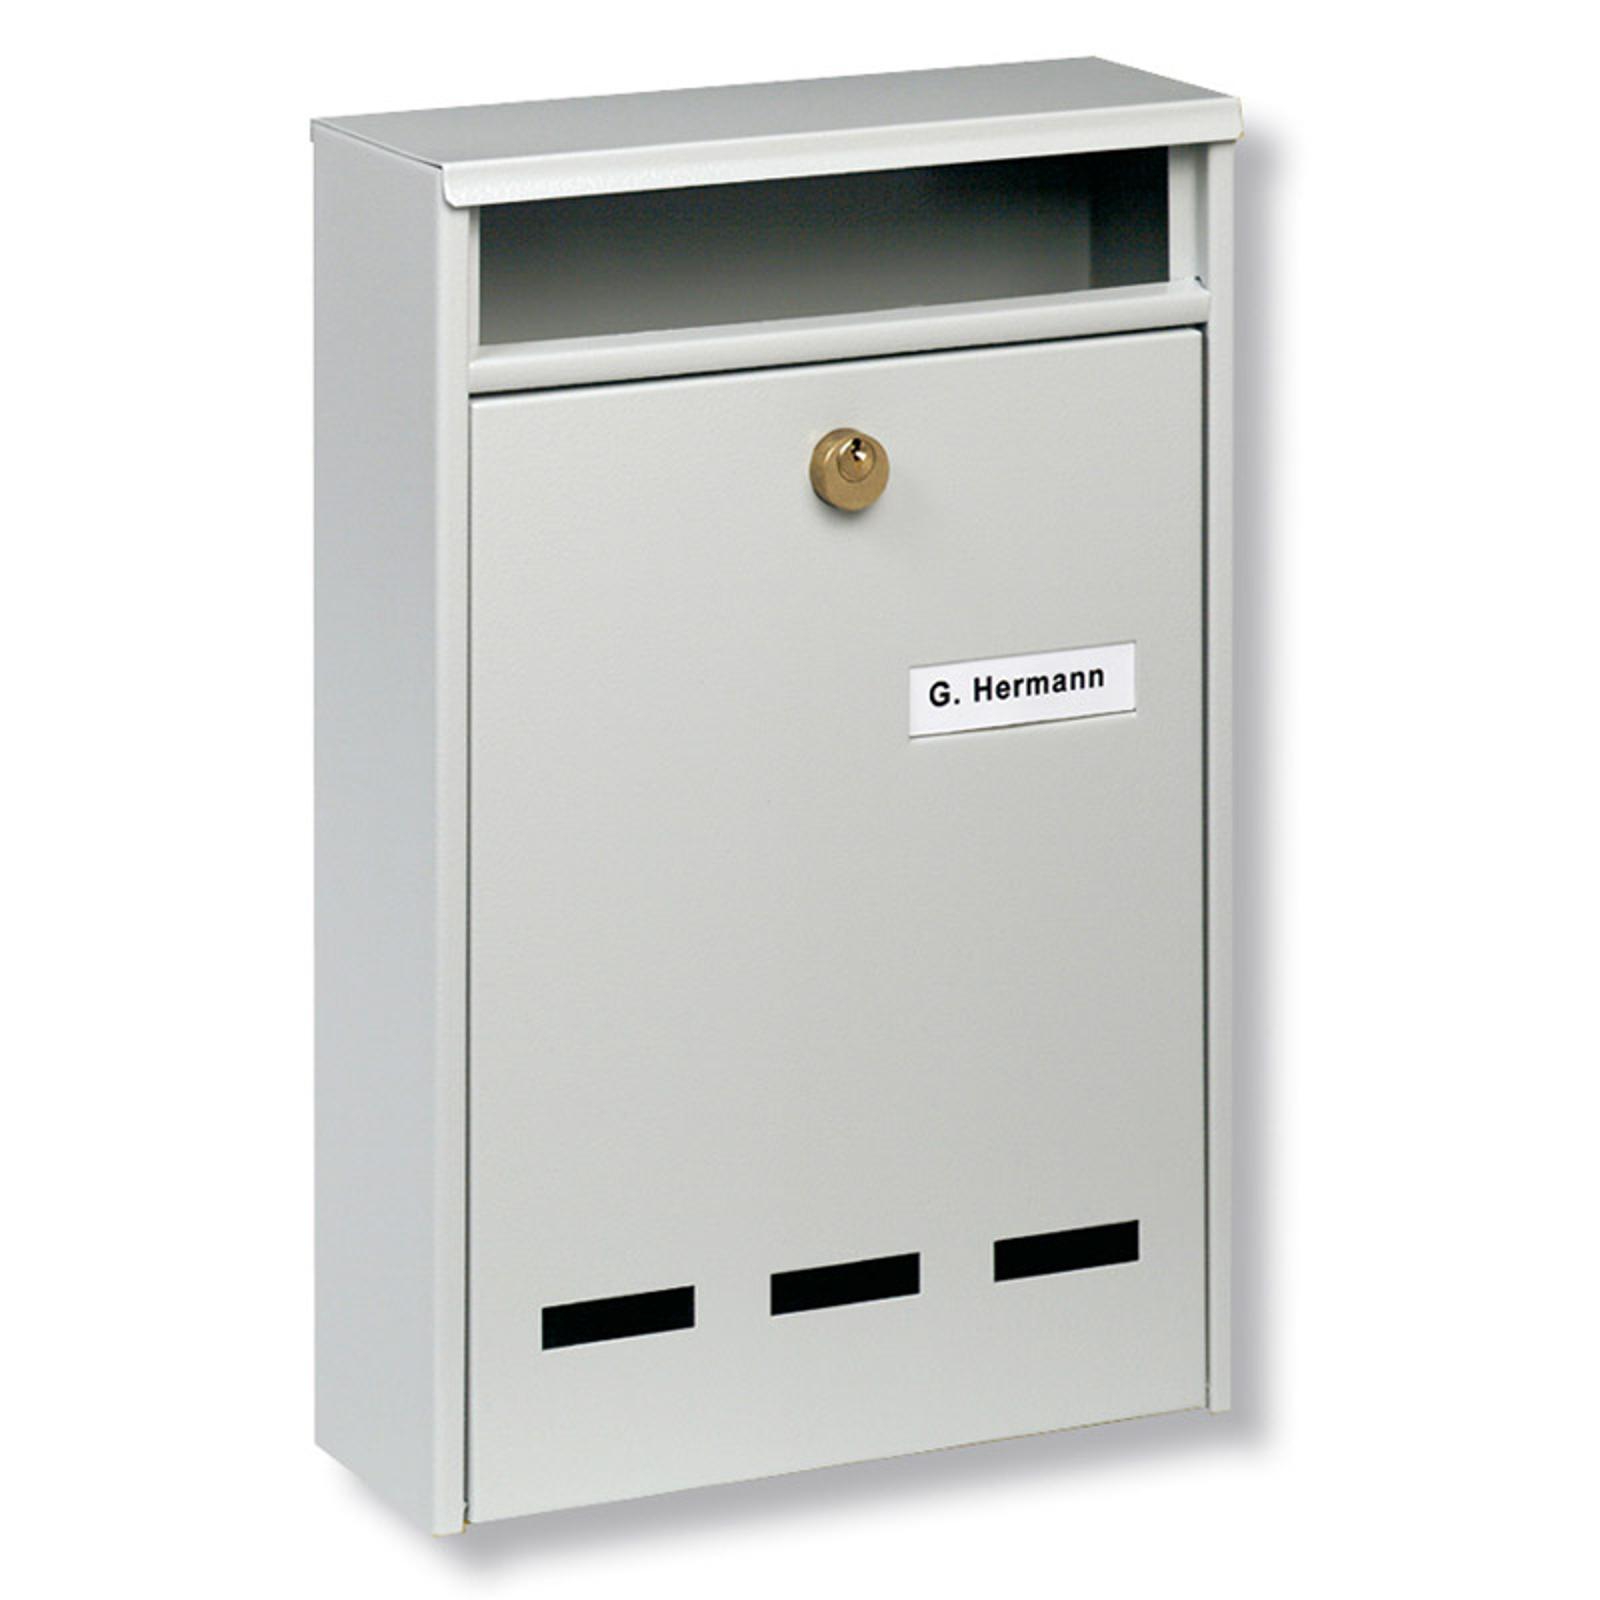 Standard letter box WISMAR B5_1532109_1